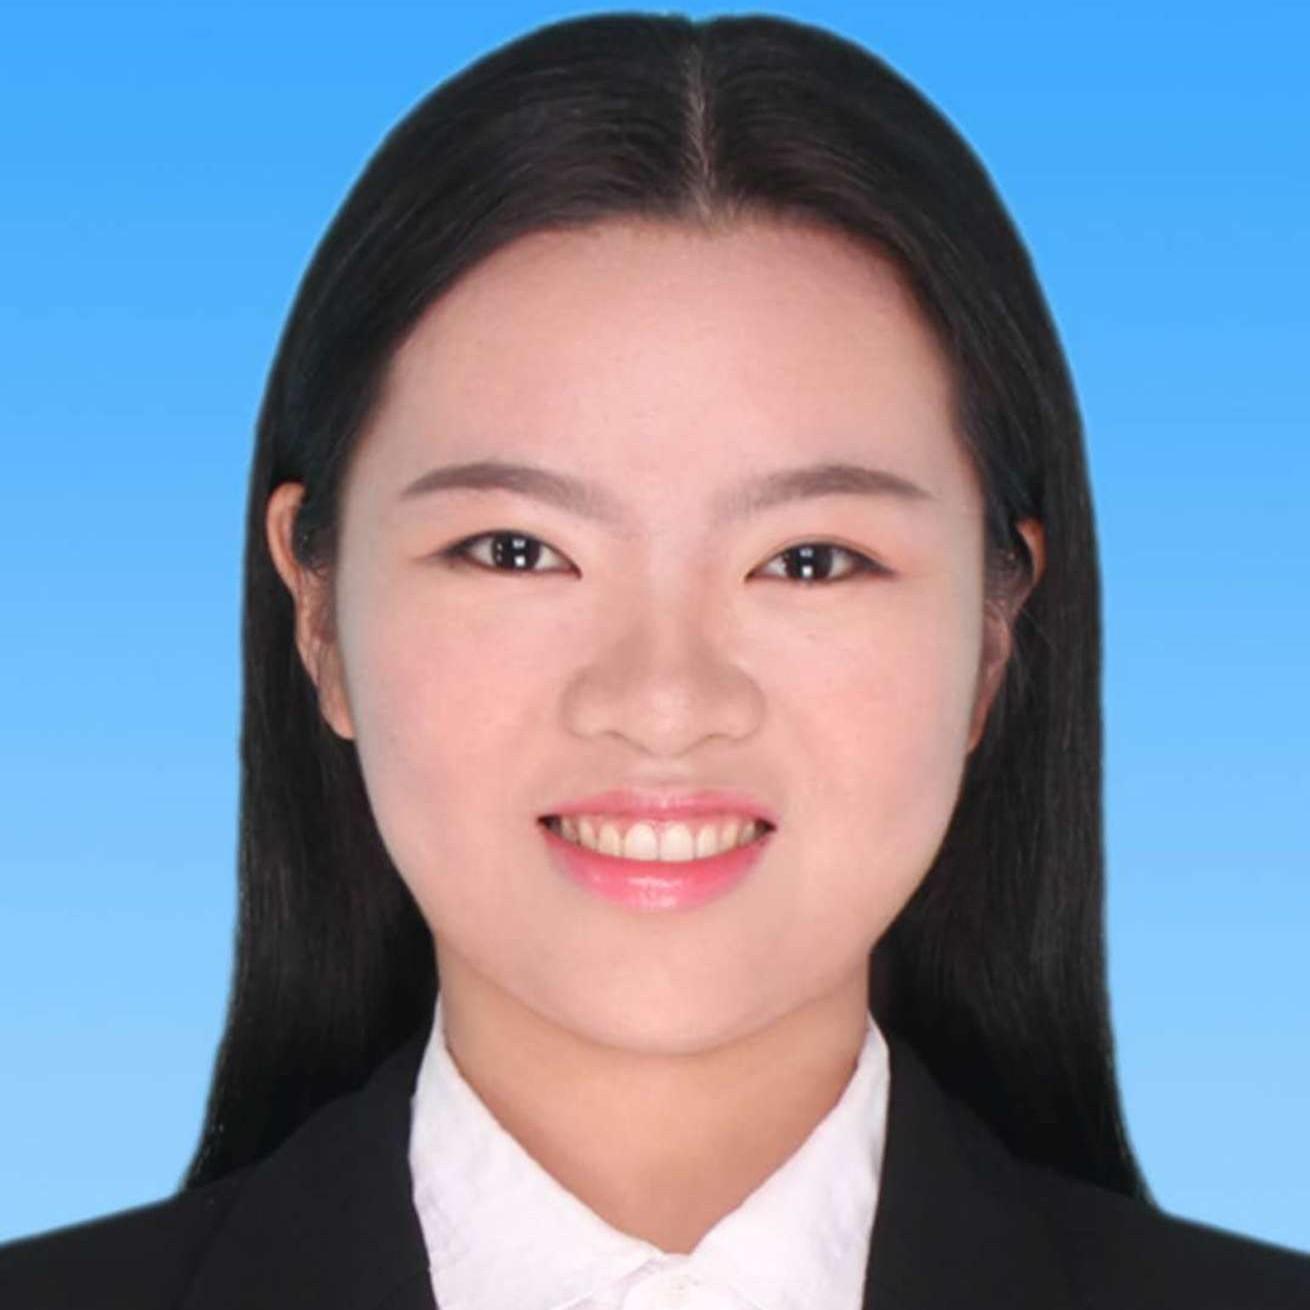 Xuxu2021的照片